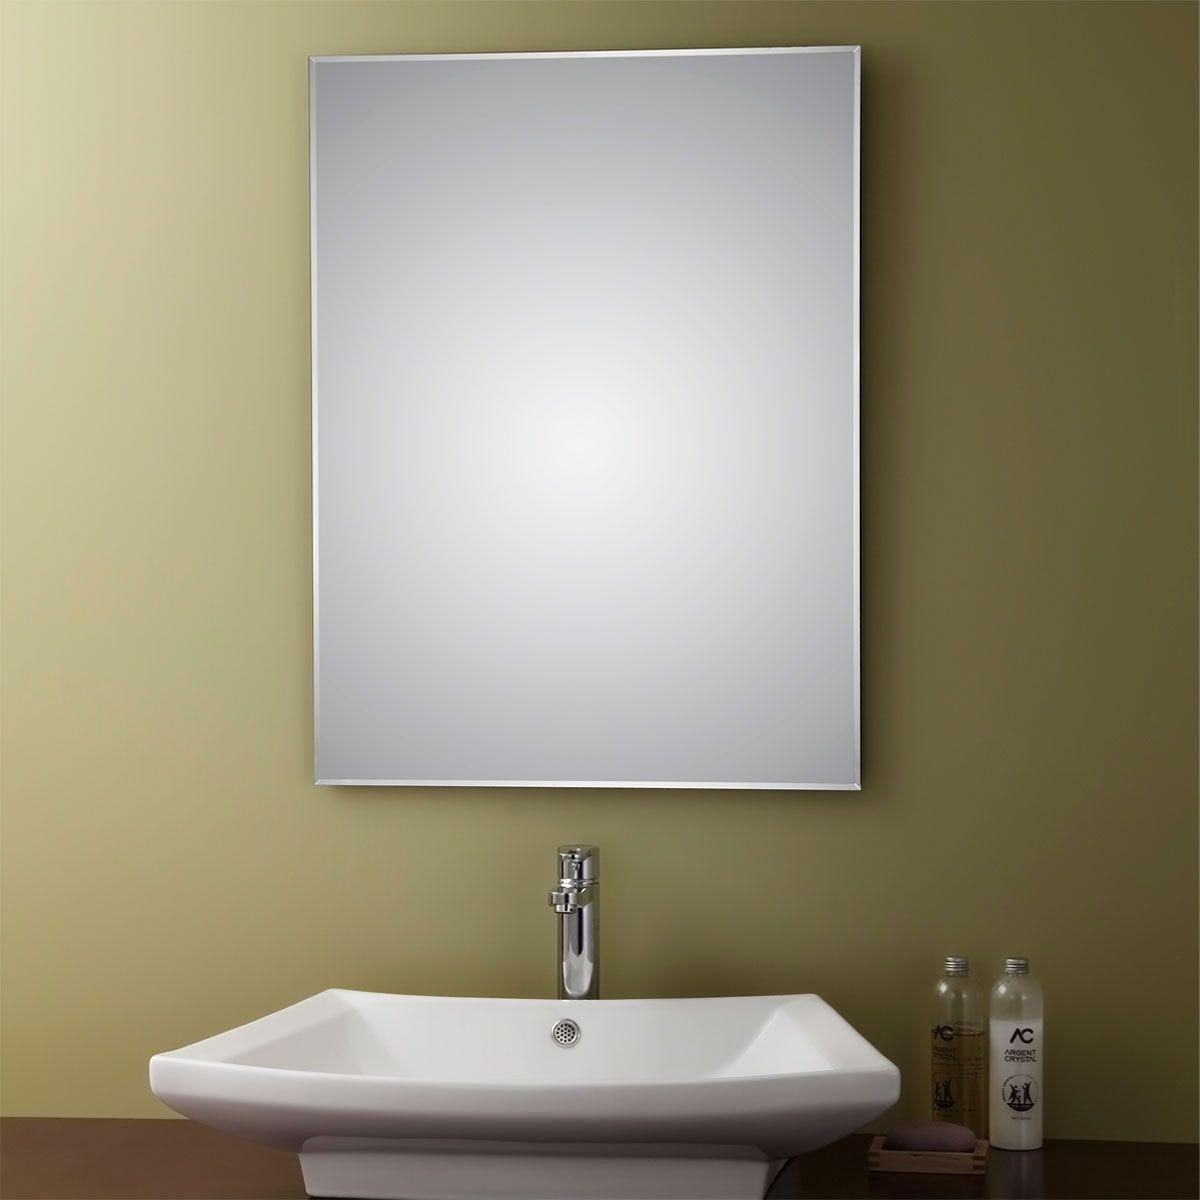 24 x 32 po miroir argent sans cadre de salle de bains for Miroir rectangulaire sans cadre